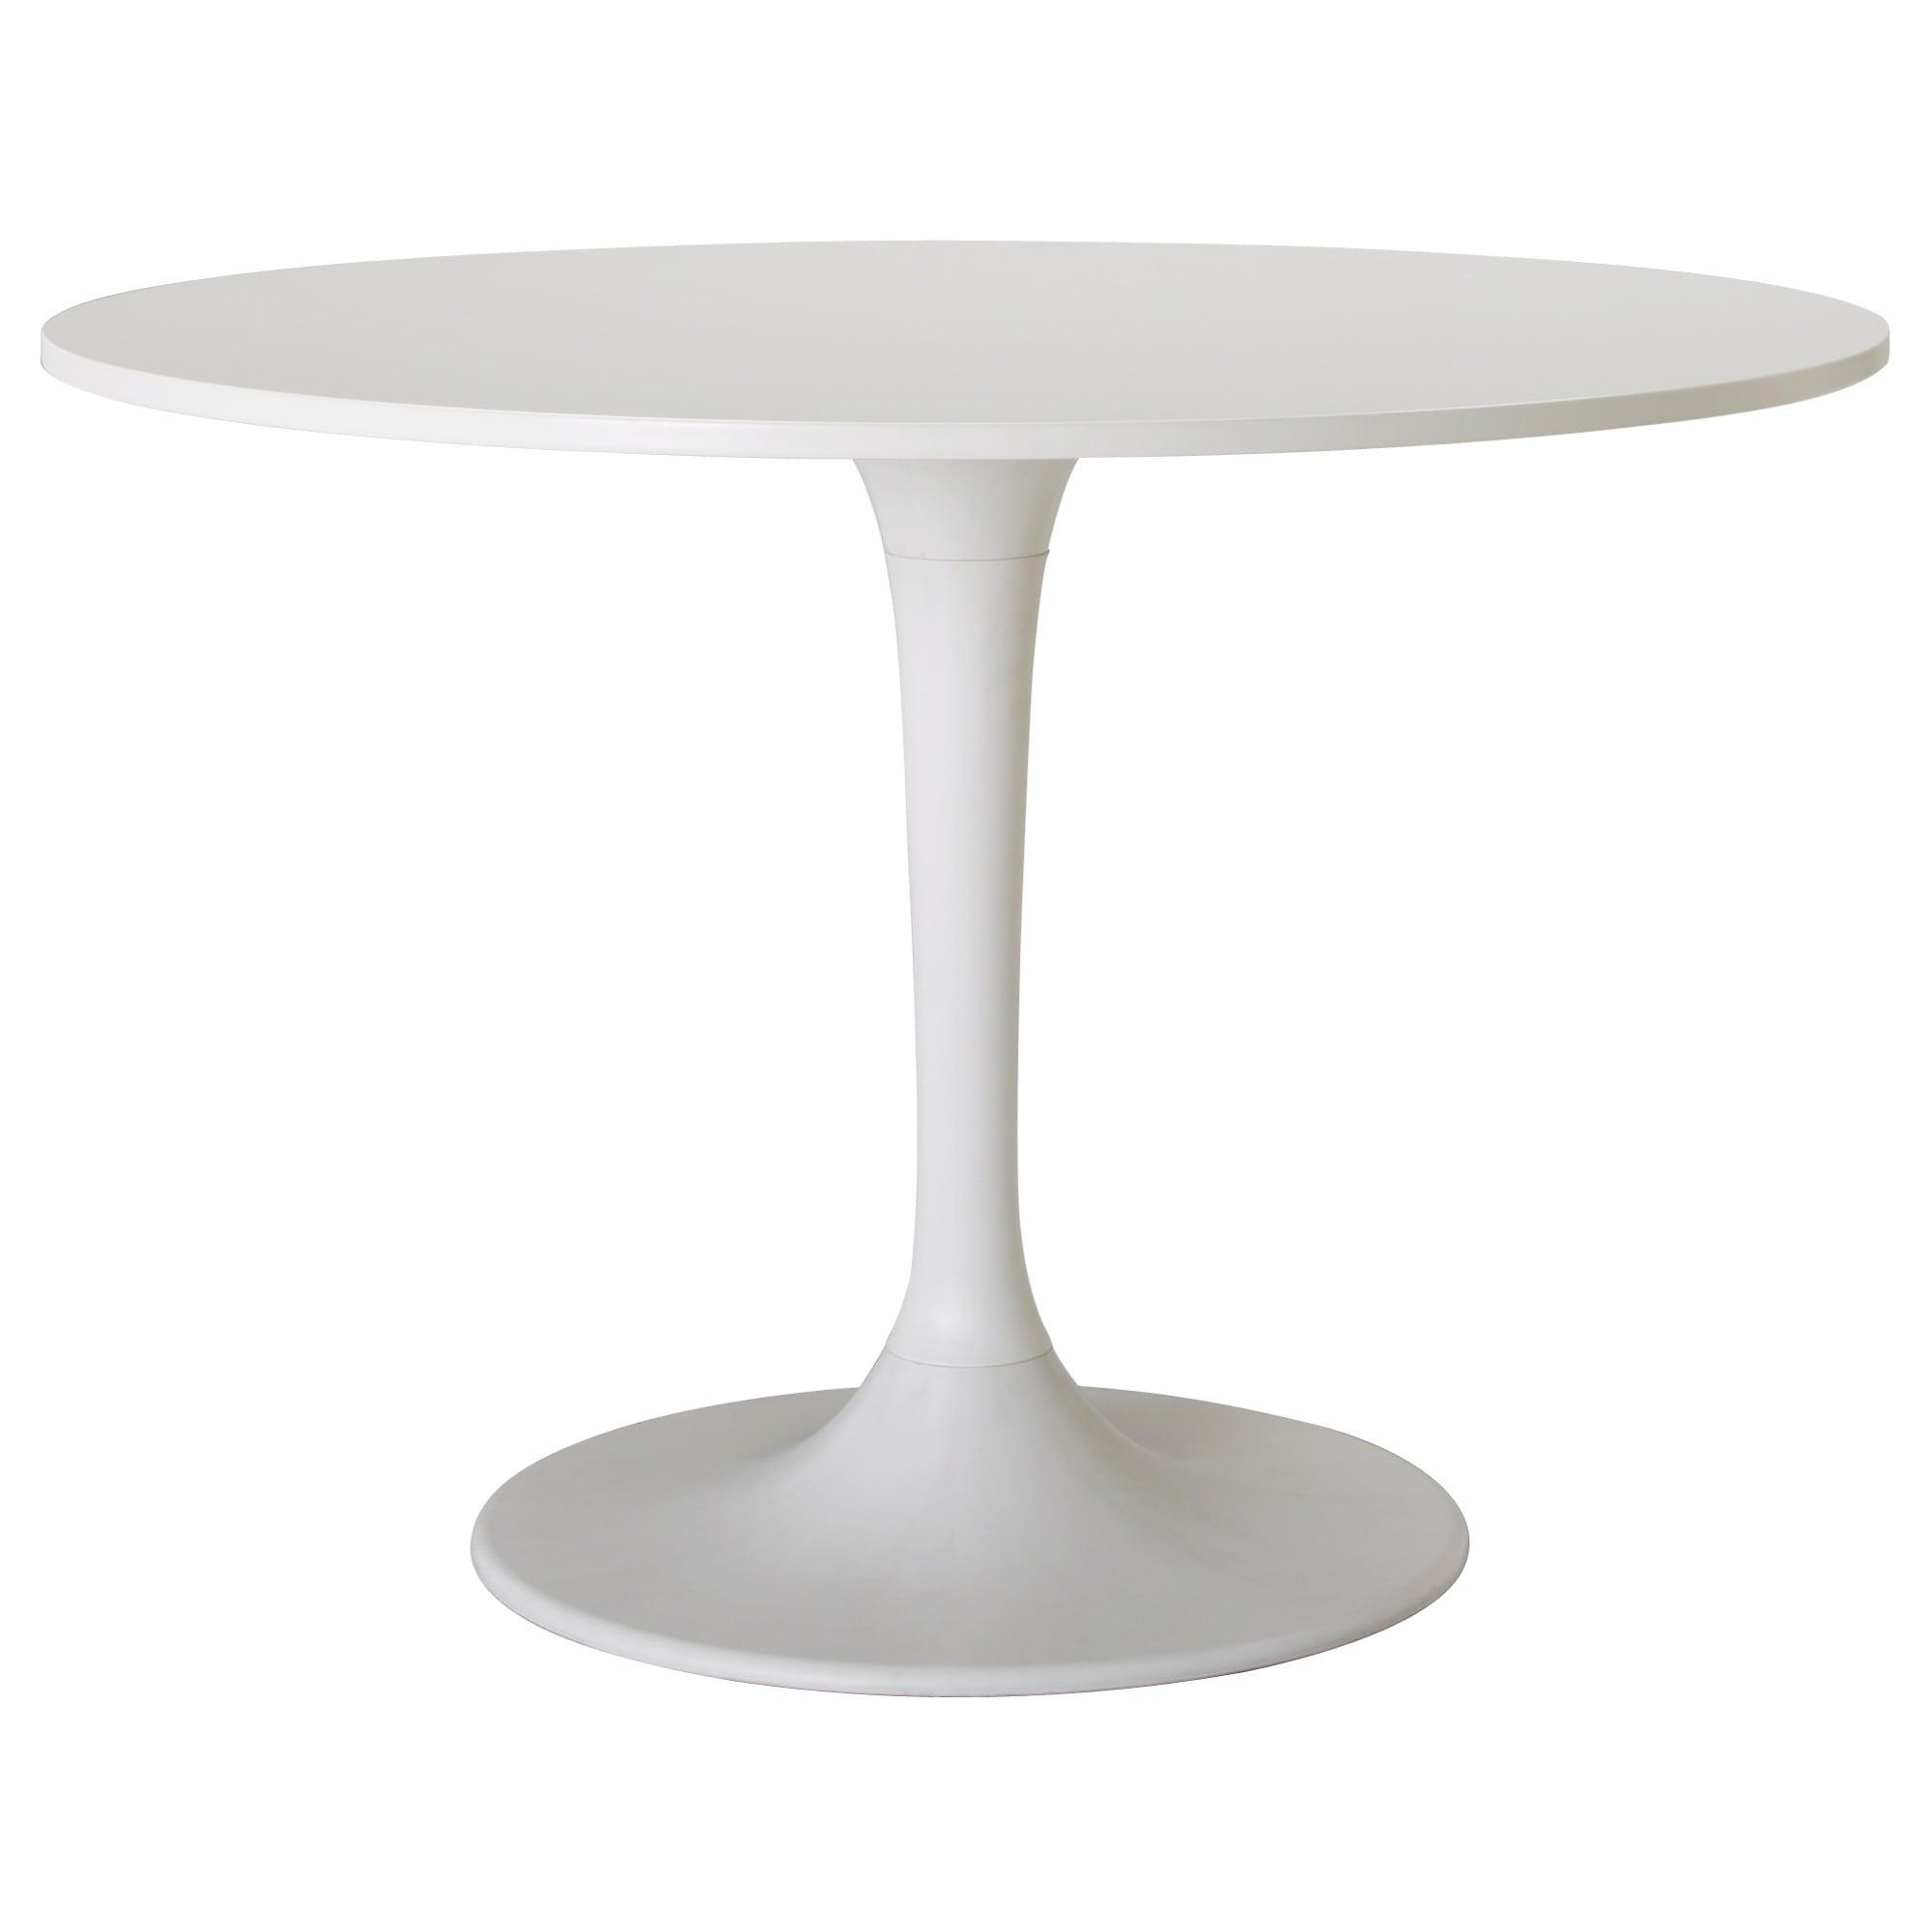 Mesas De Comedor Redondas Ikea H9d9 Mesas De Edor Pra Online Ikea